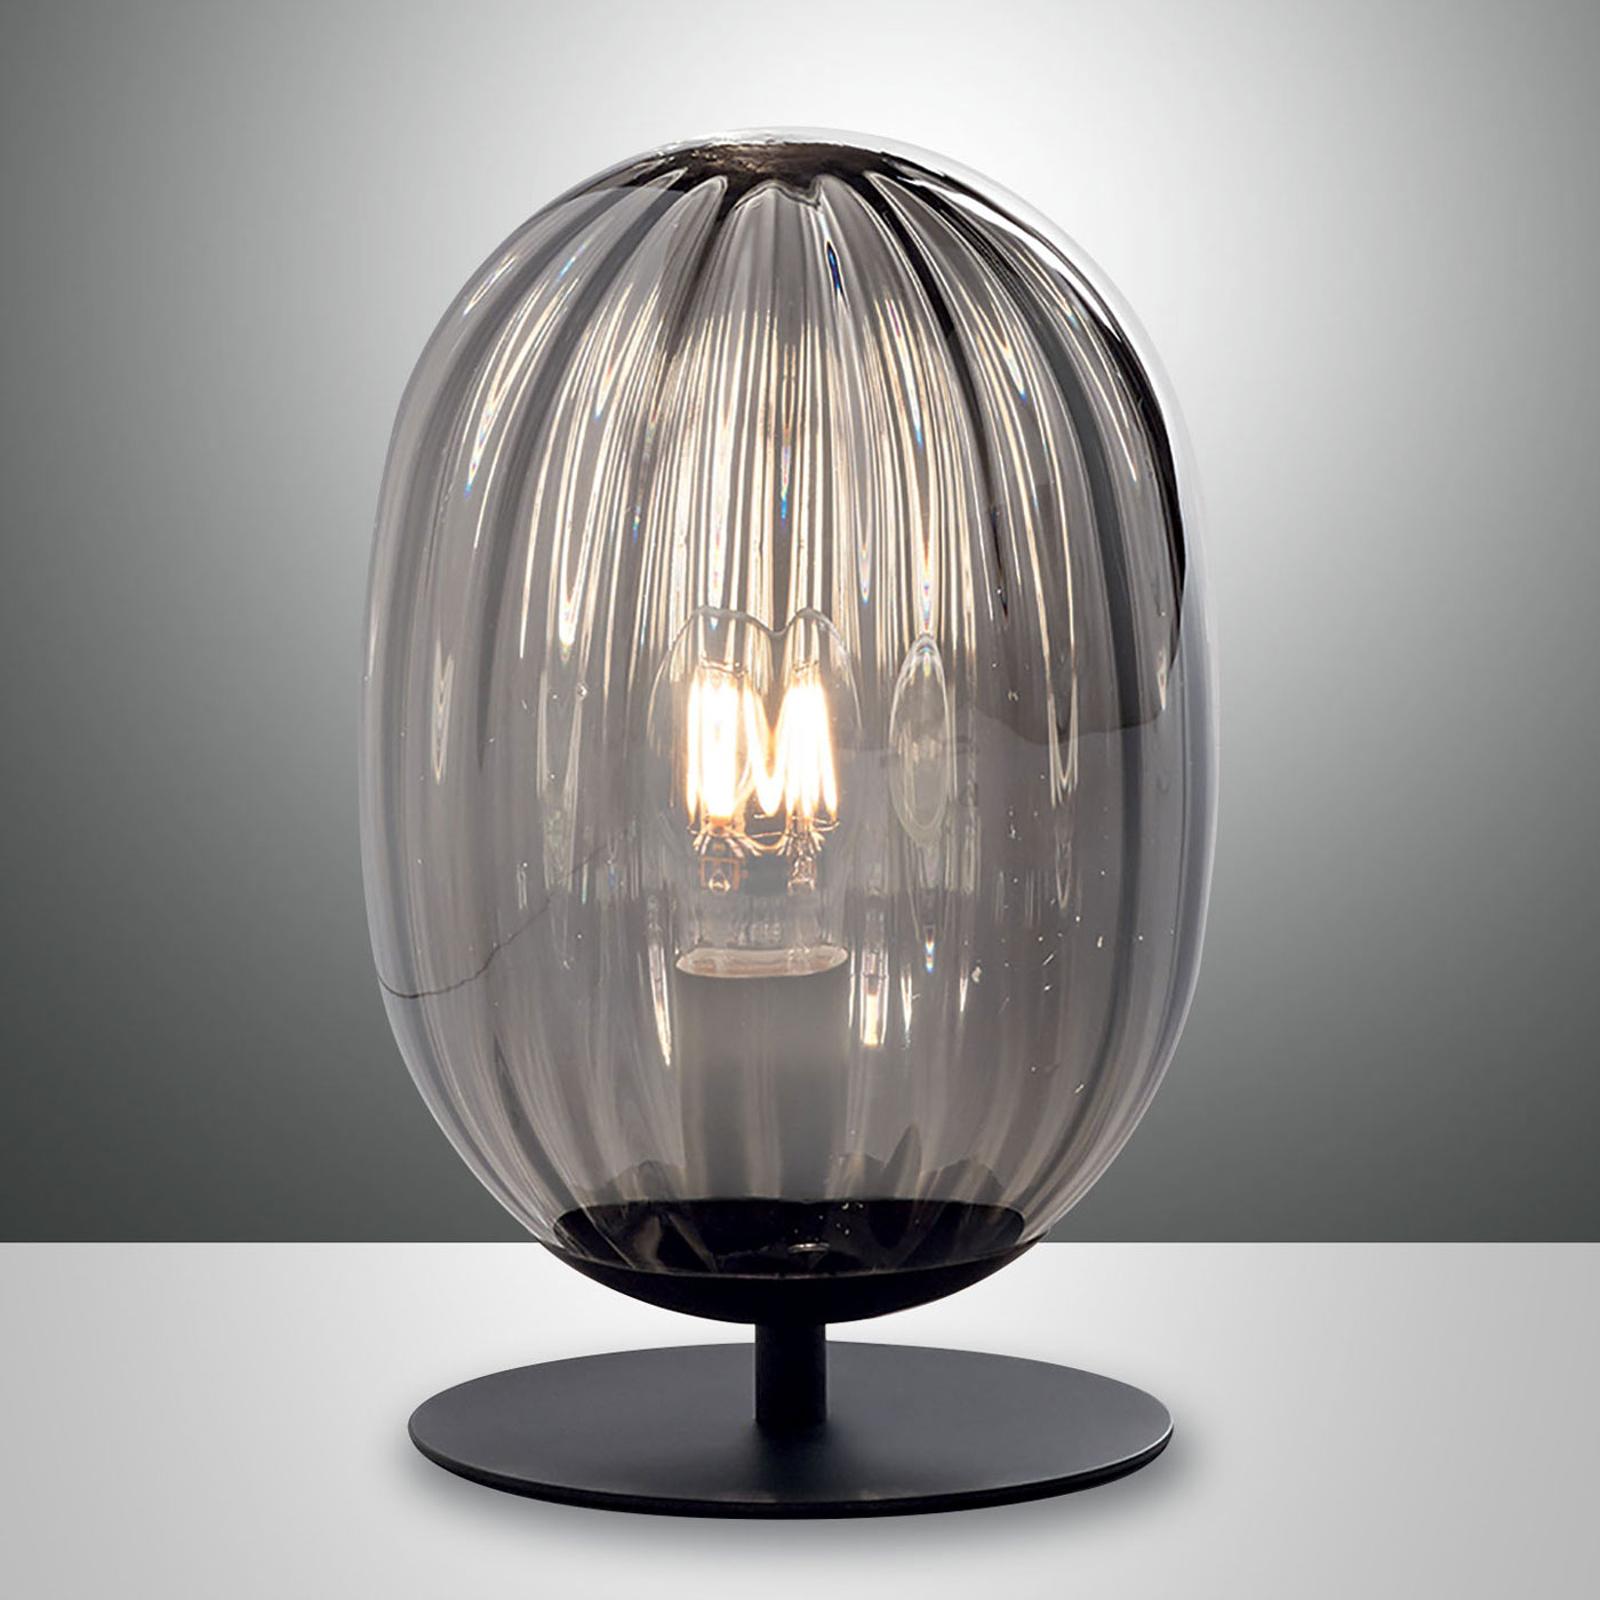 Tafellamp Infinity met gedraaide glazen kap